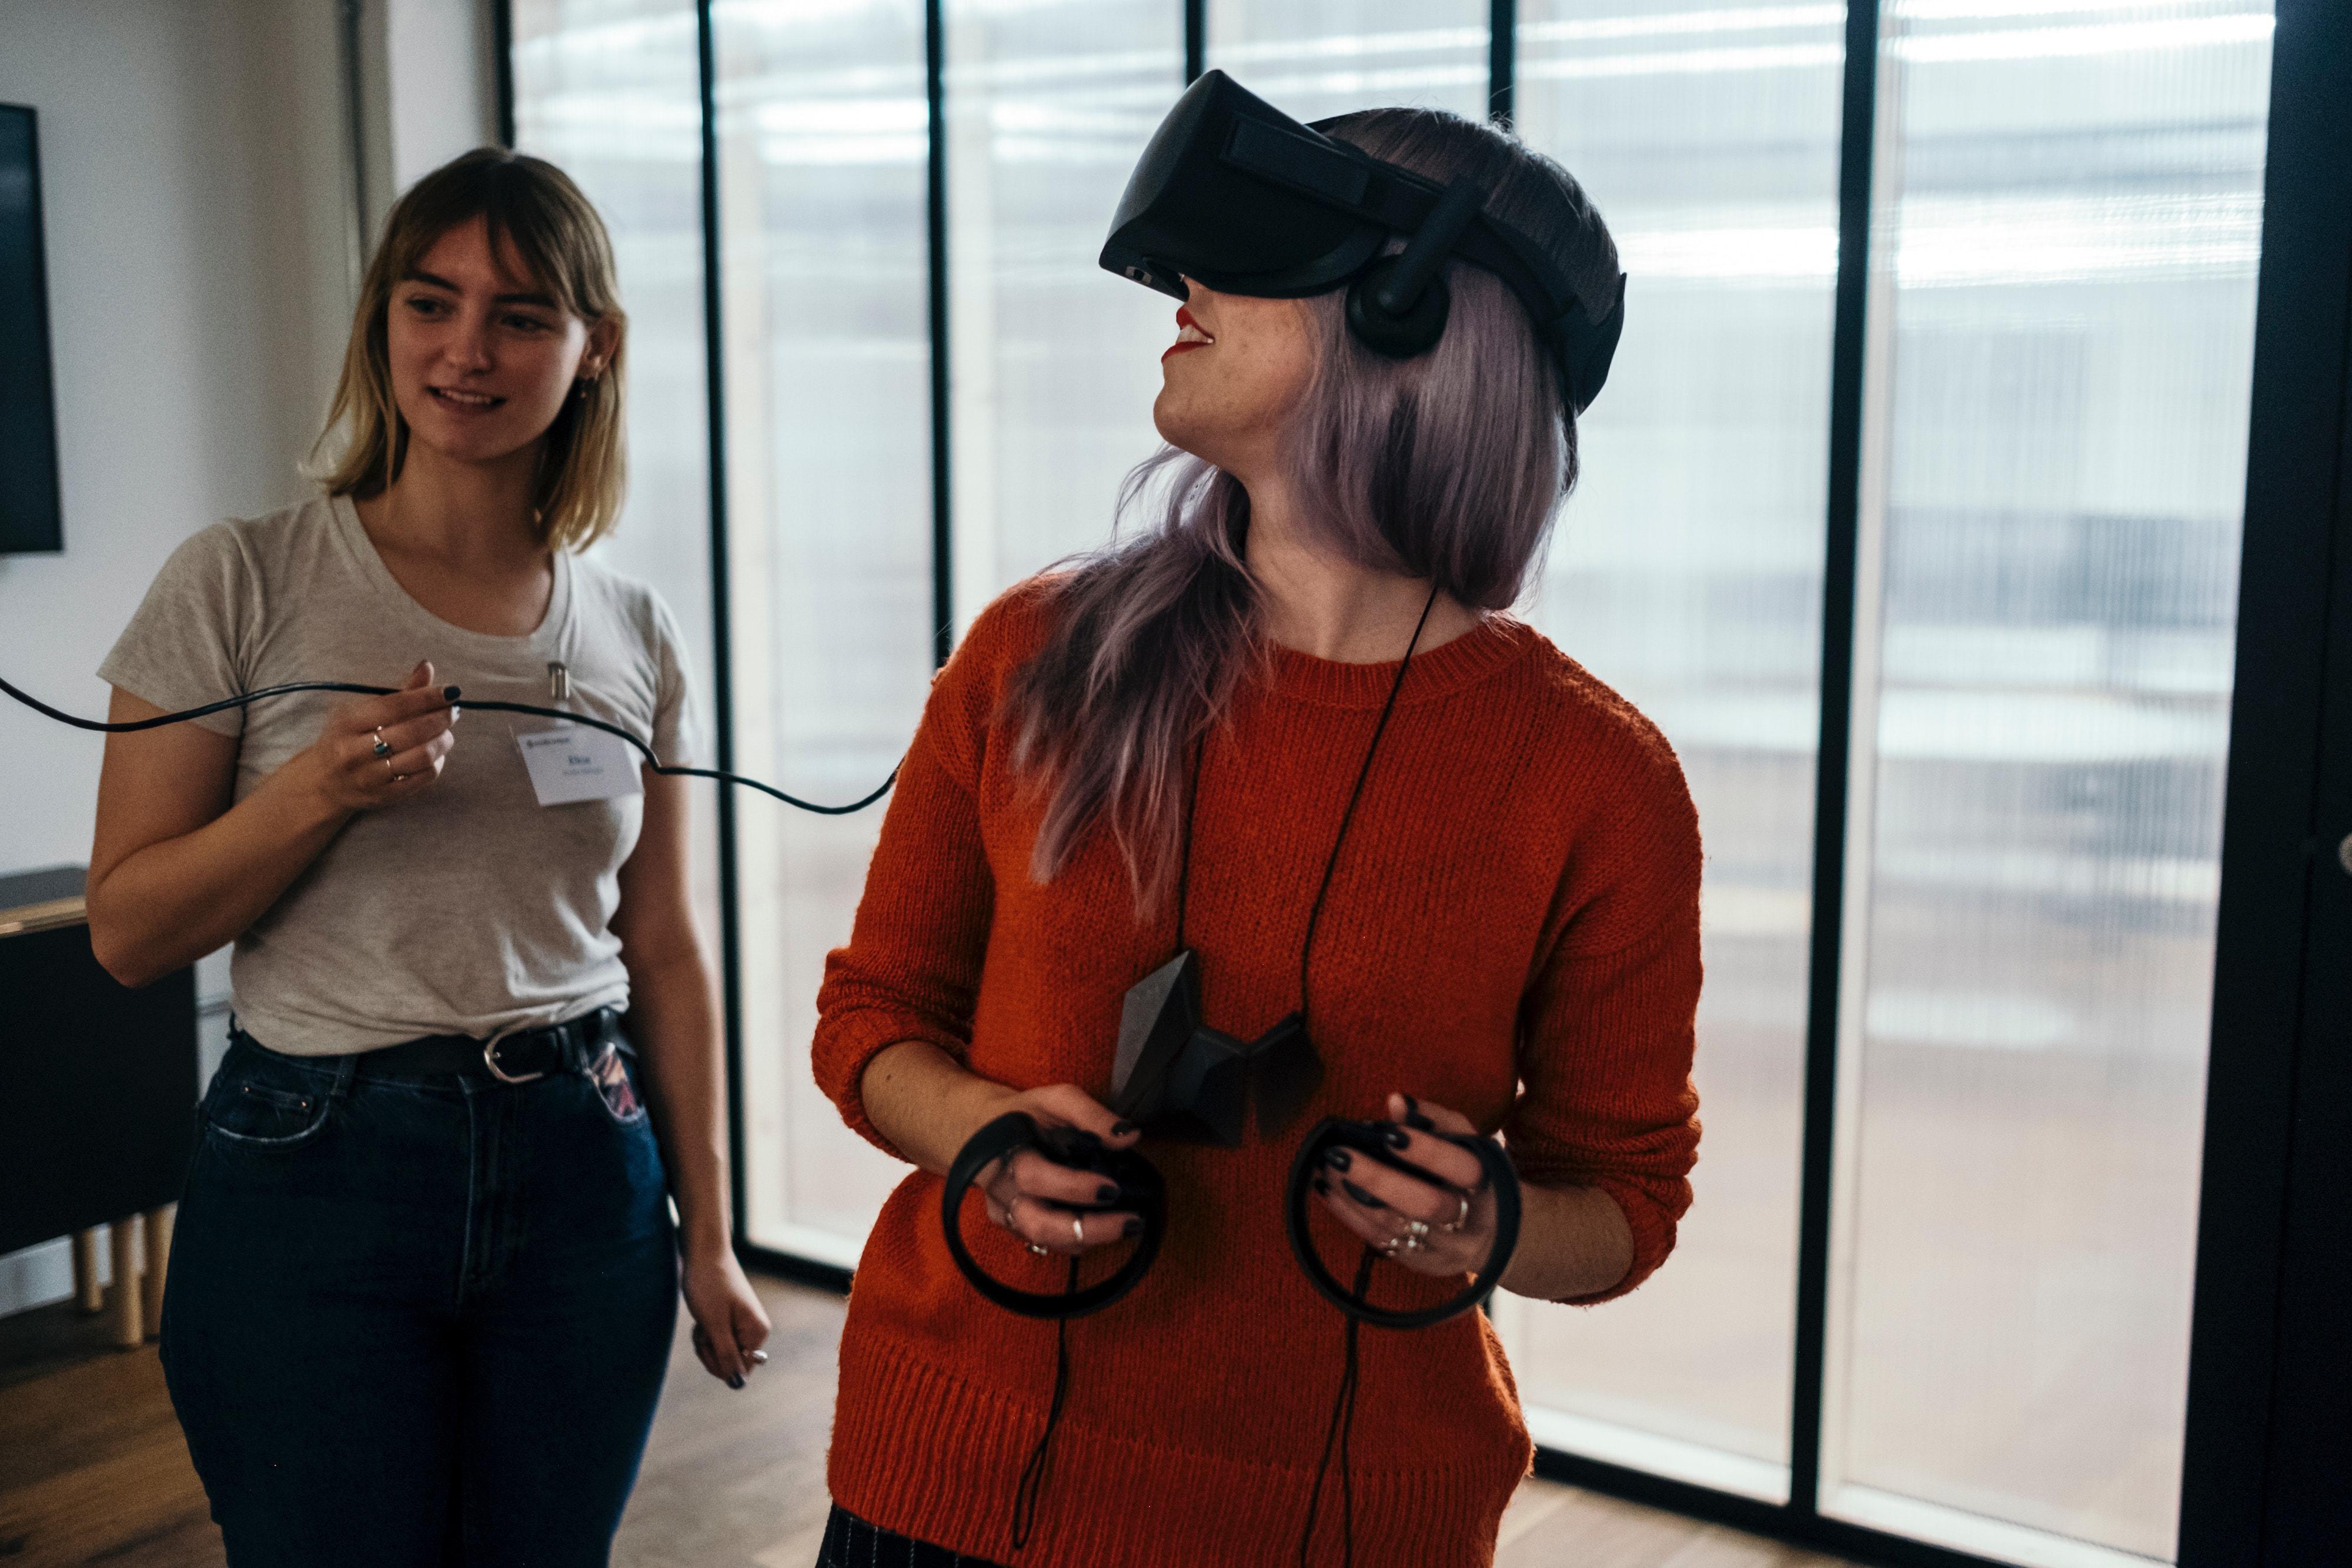 Uso de aplicaciones de realidad virtual supervisado por el docente